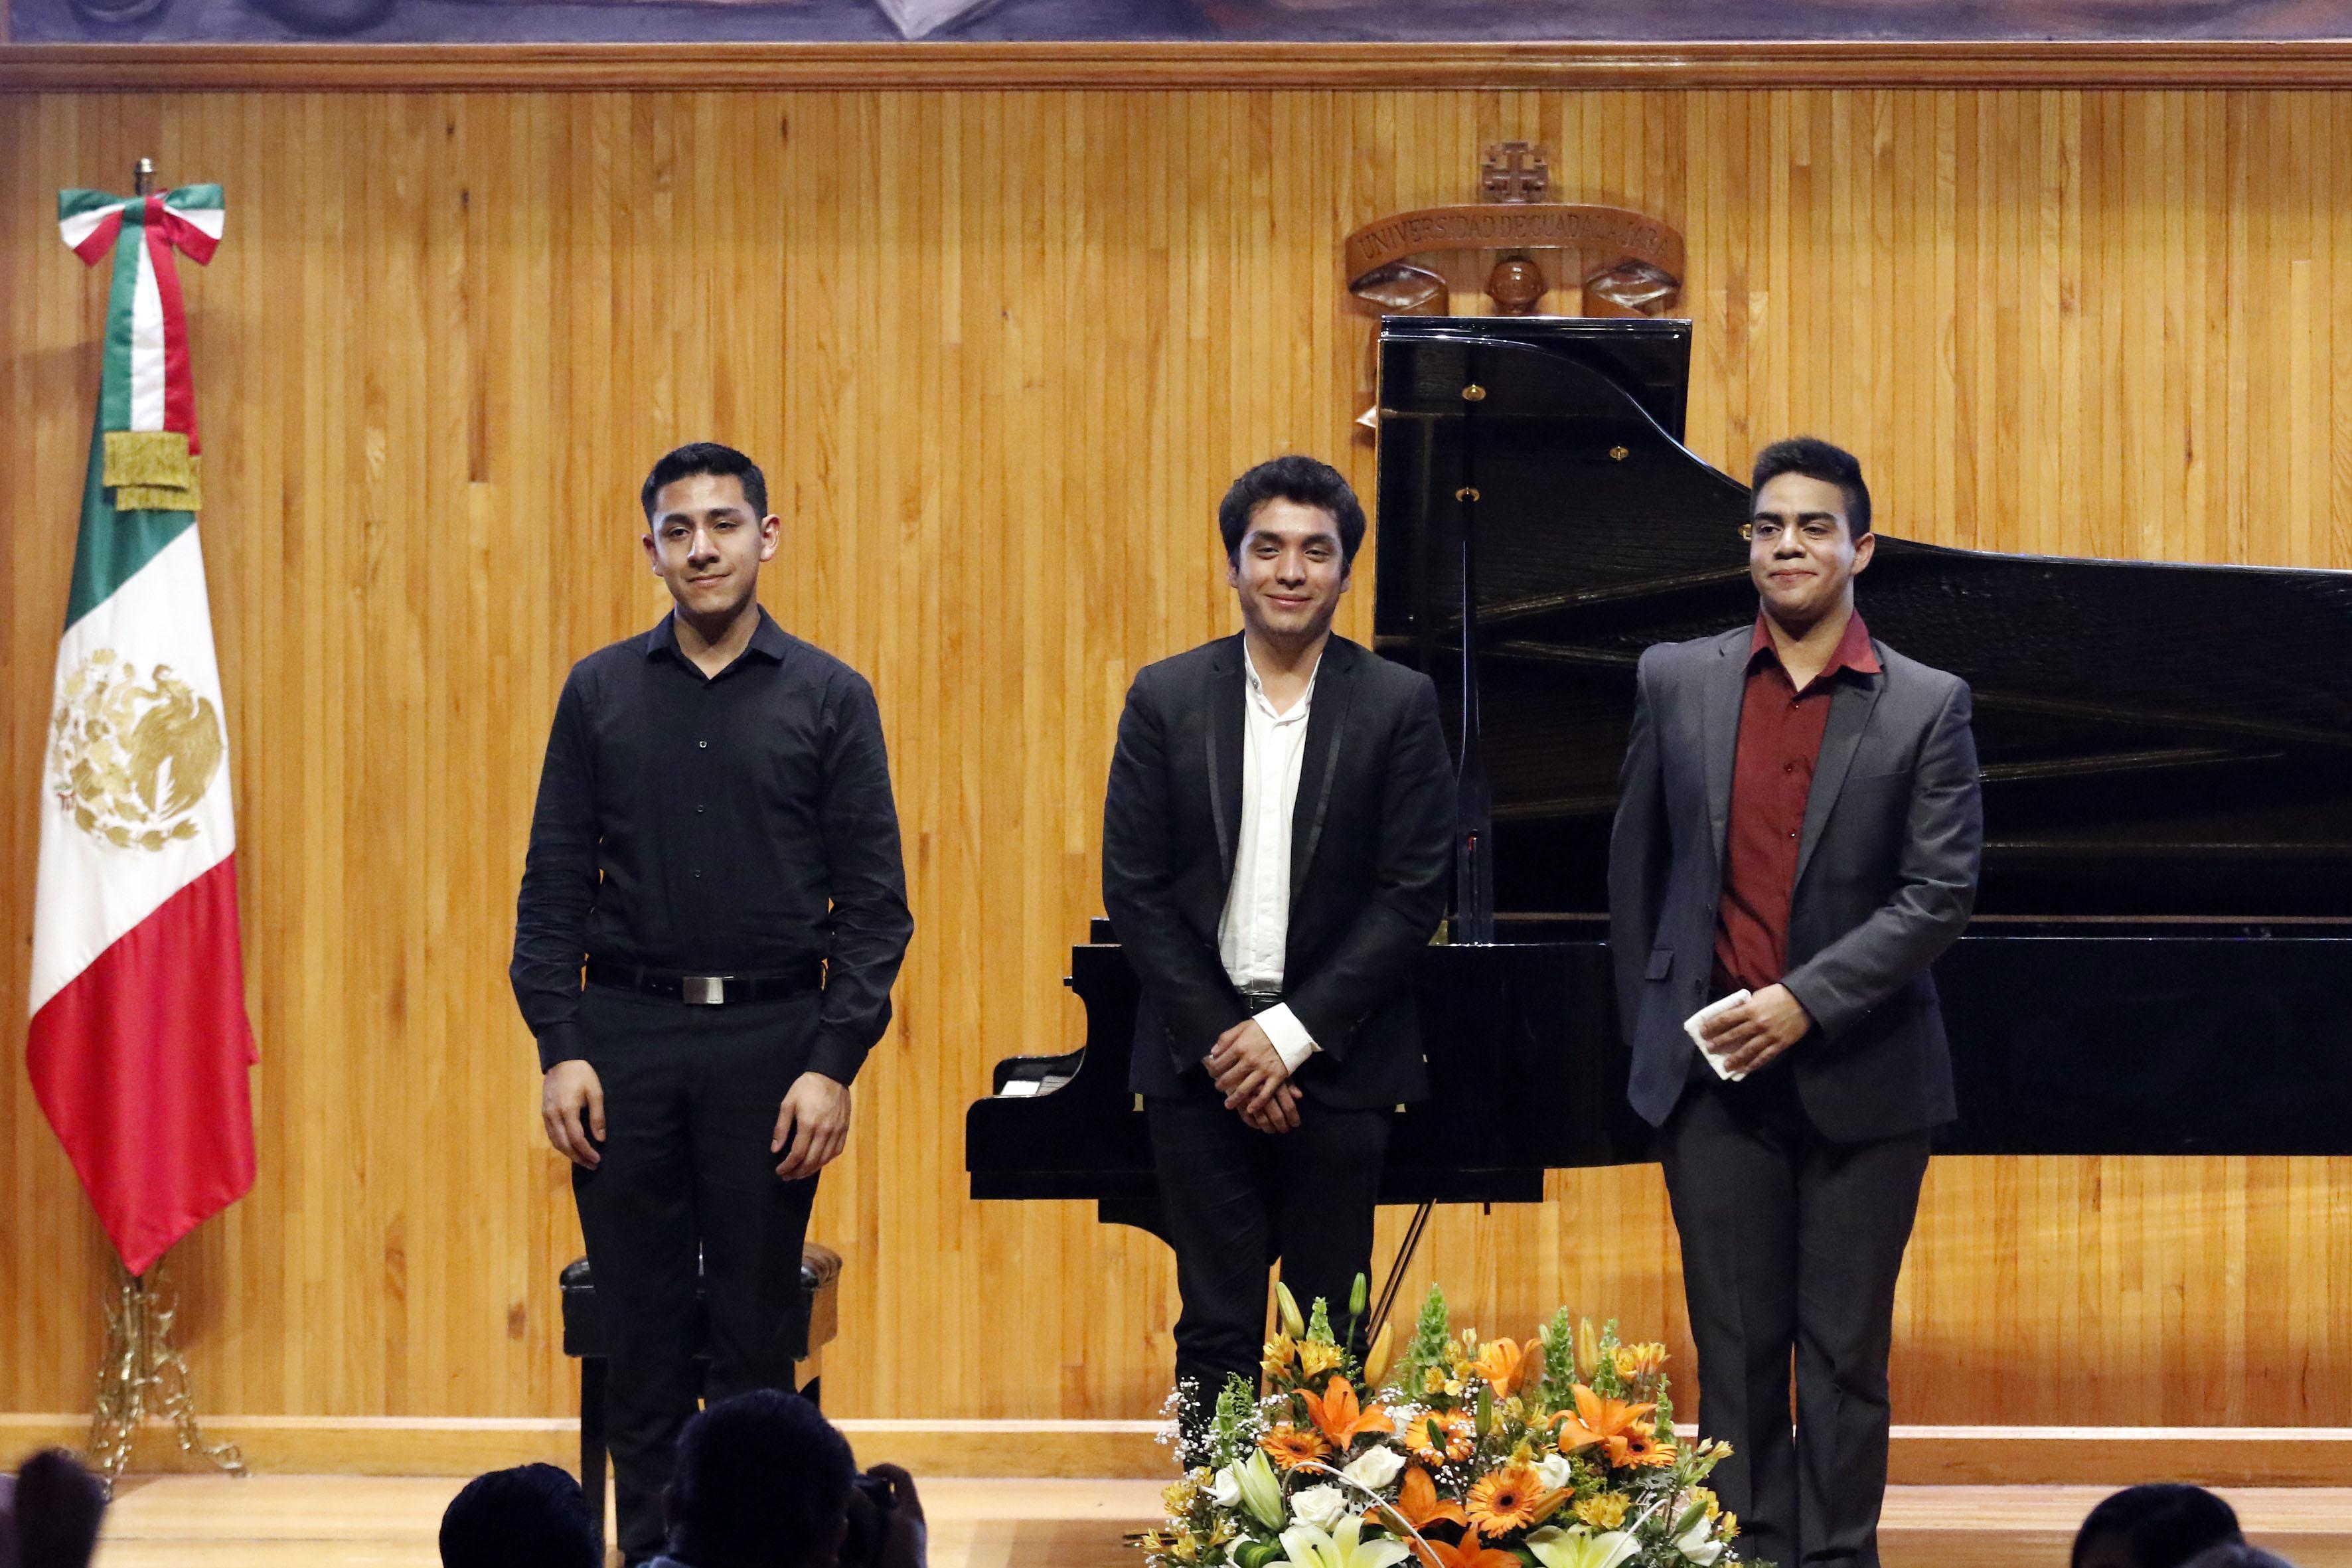 Jóvenes ganadores del segundo Concurso Nacional de Piano, de la Universidad de Guadalajara, participando en la ceremonia de premiación y recibiendo ovaciones por parte de los asistentes.